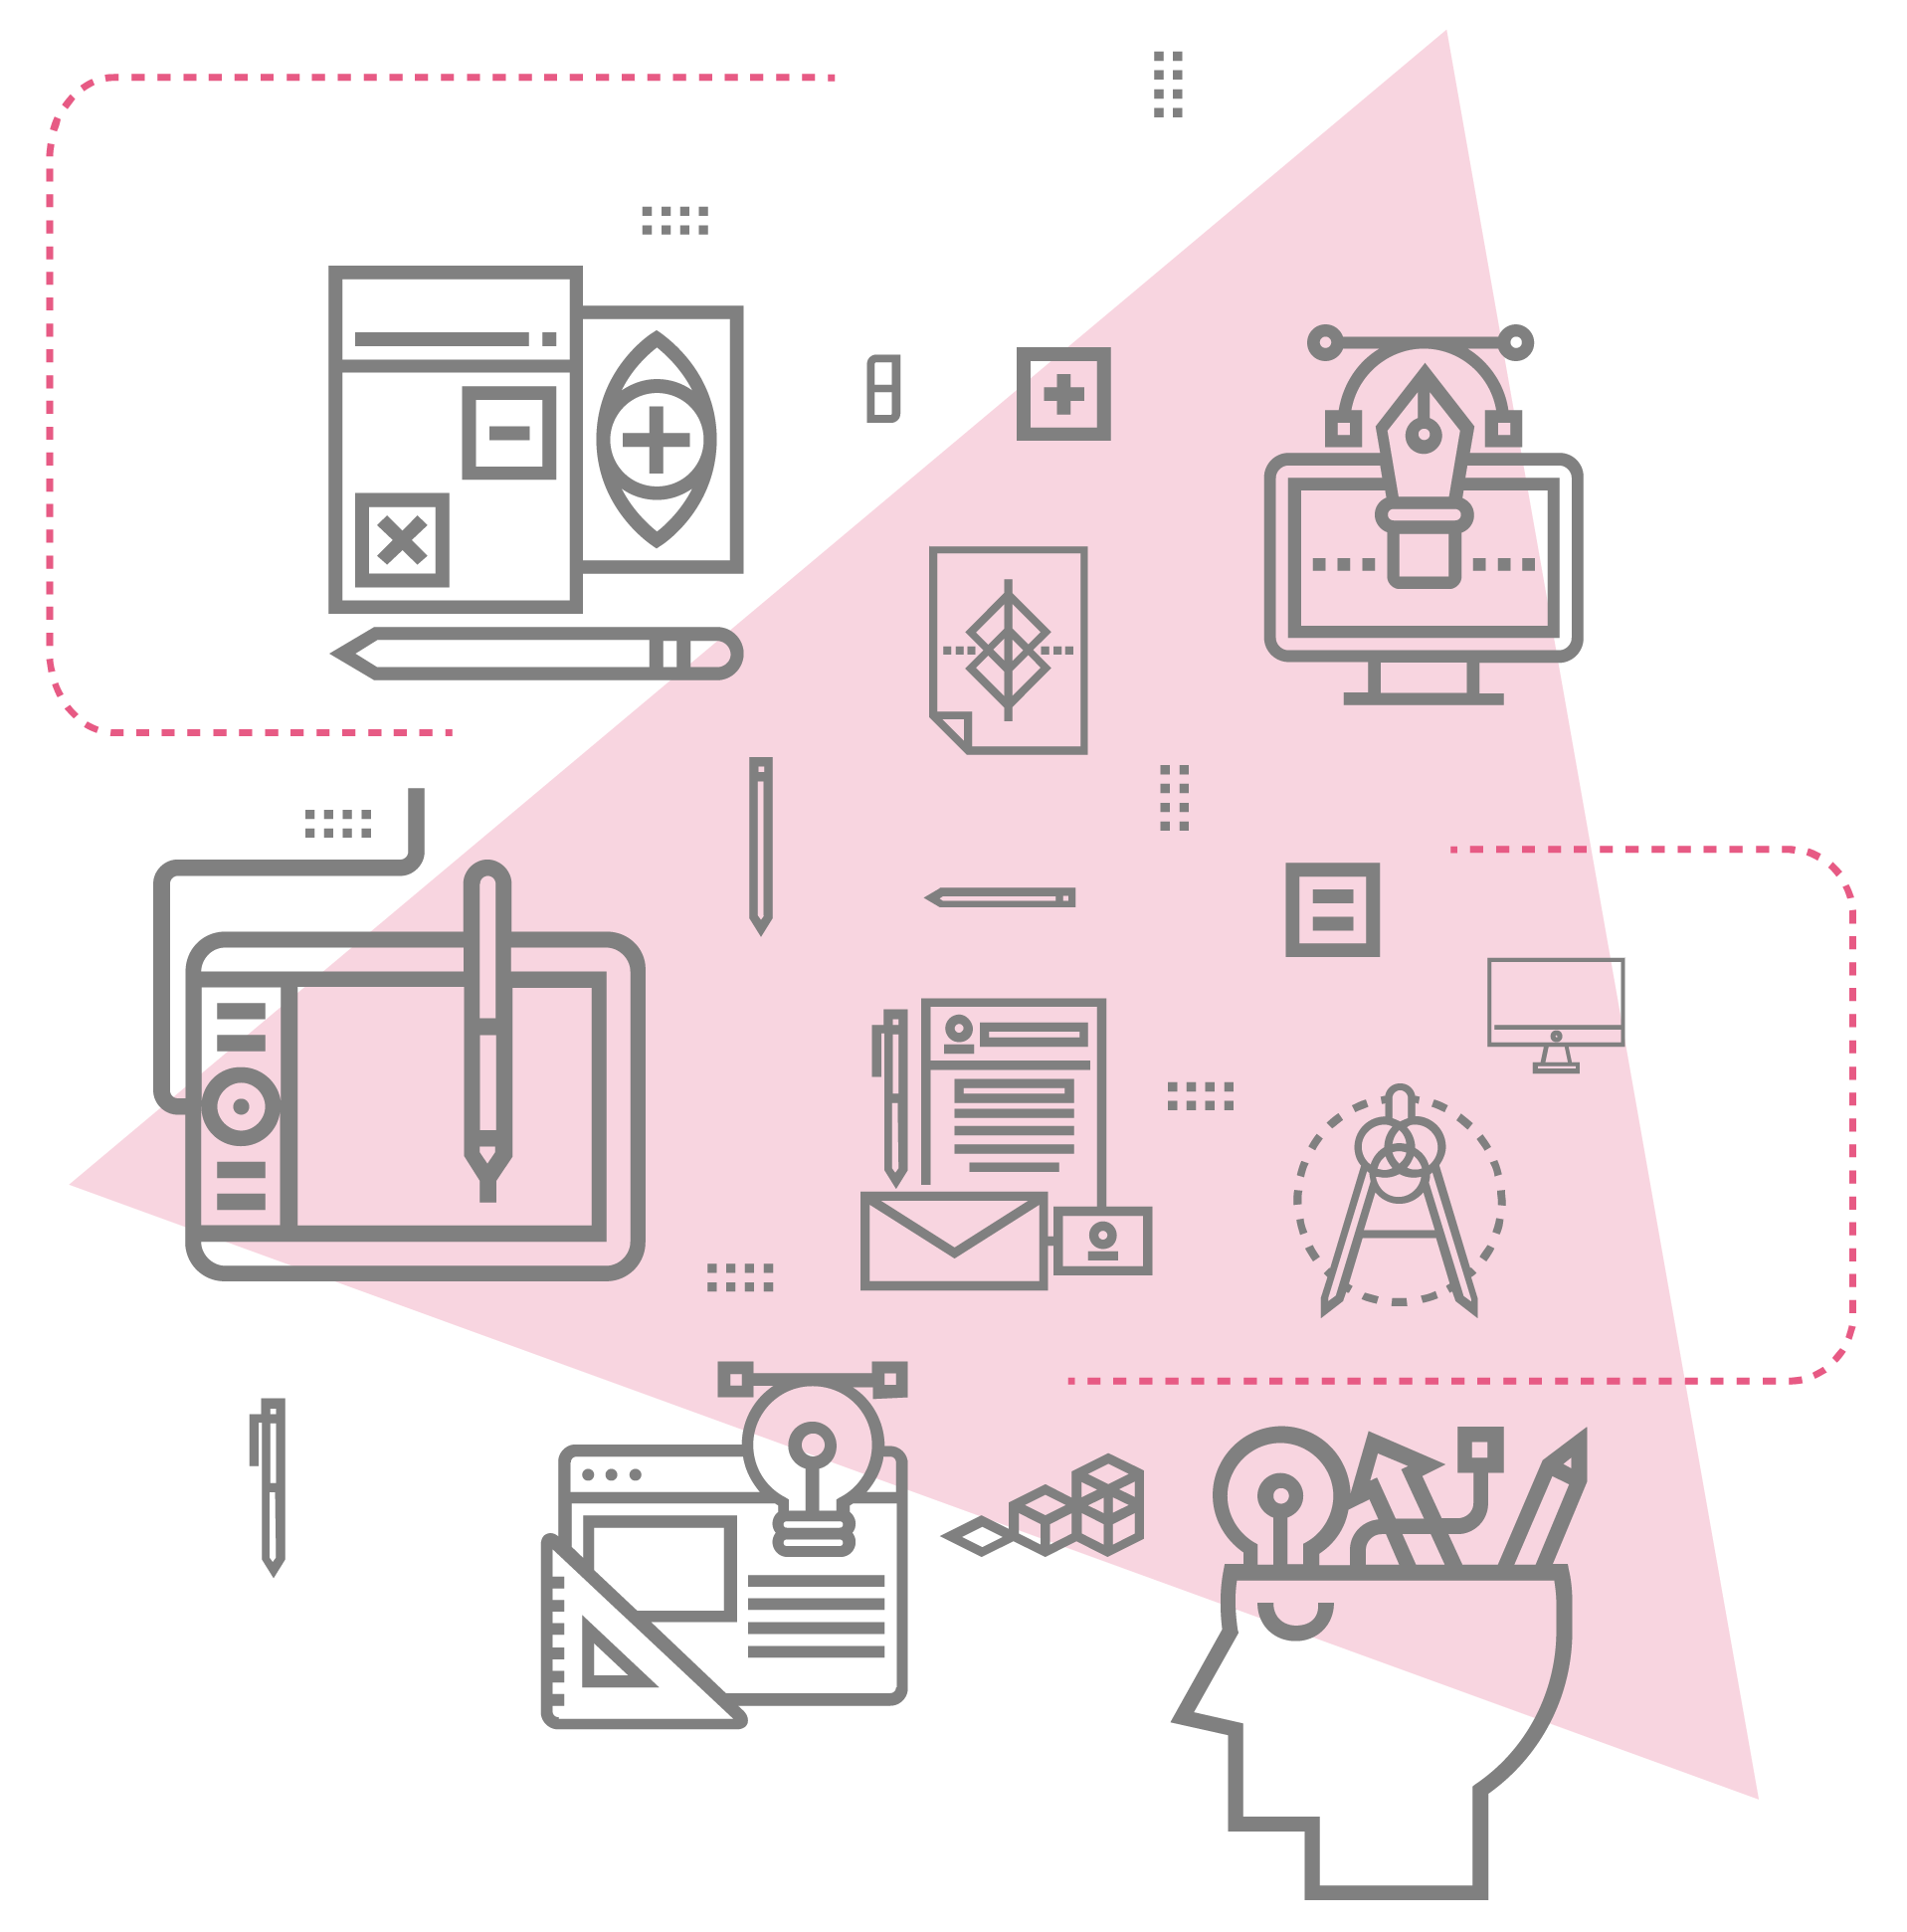 lu3g.it - agenzia web design milano